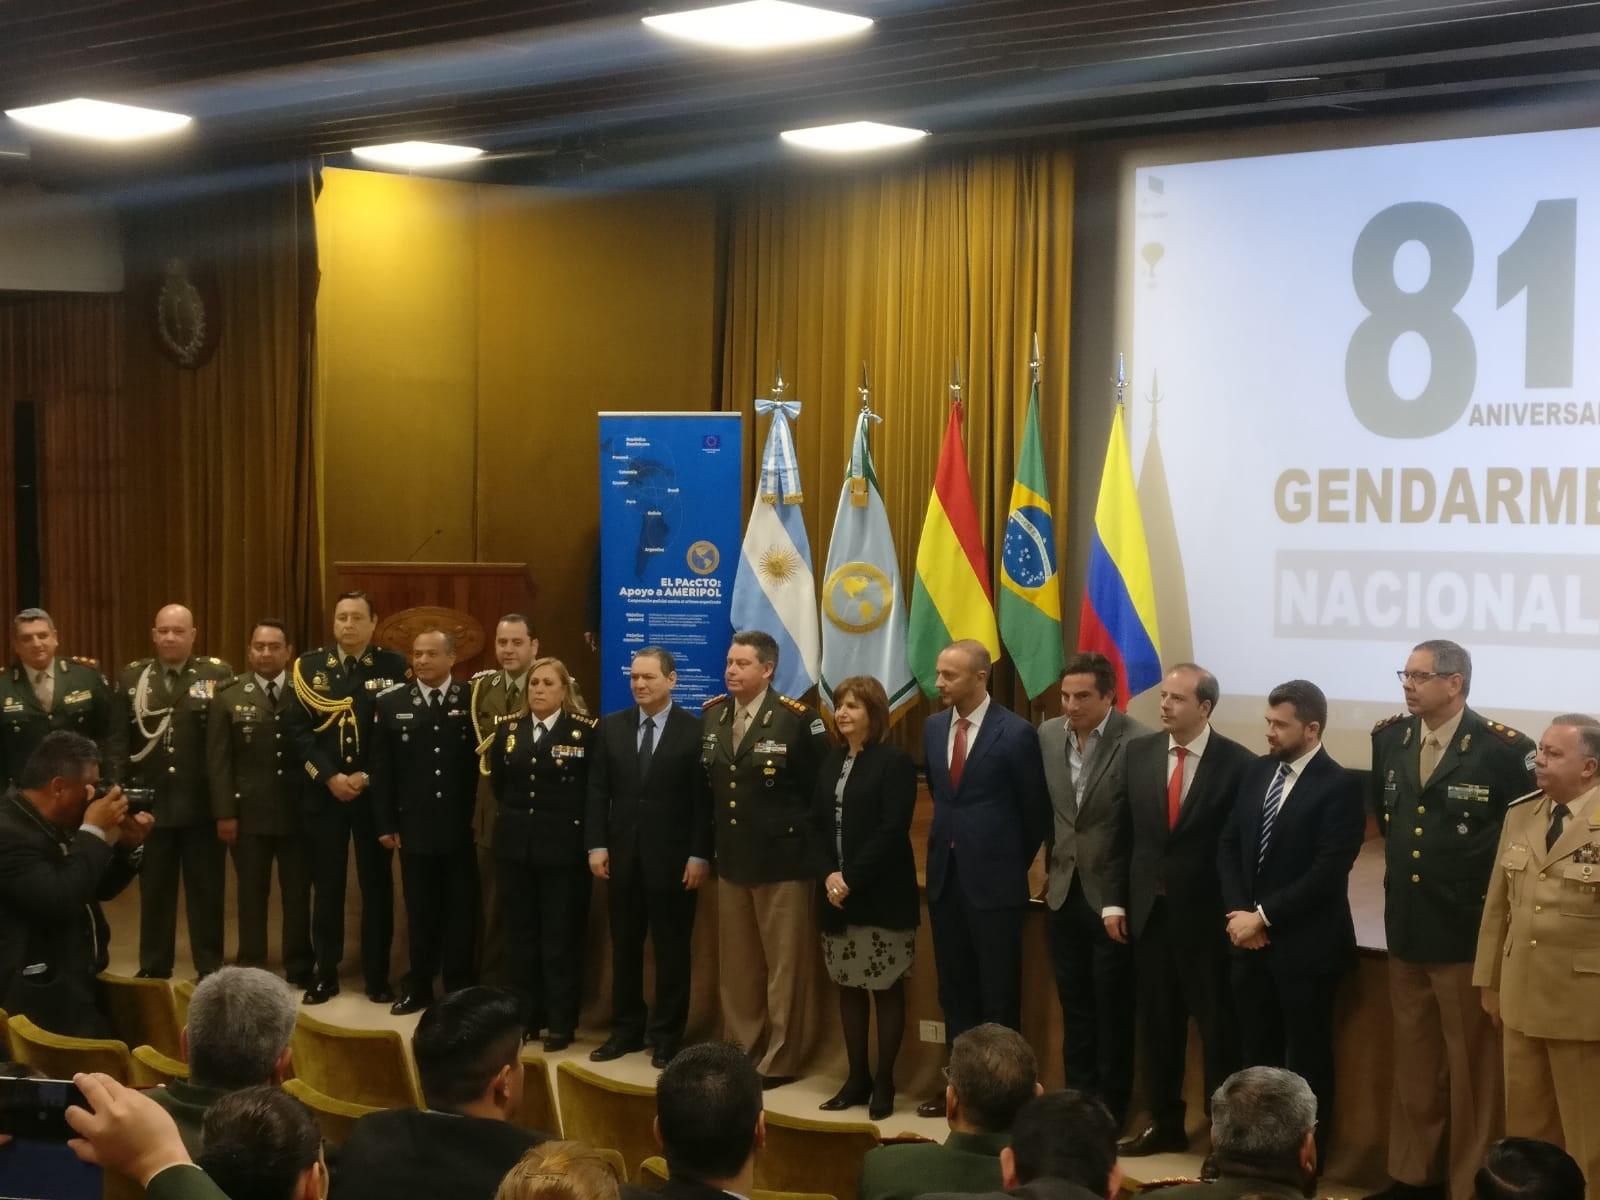 (Español) La Unión Europea y AMERIPOL en la lucha contra el tráfico de drogas sintéticas